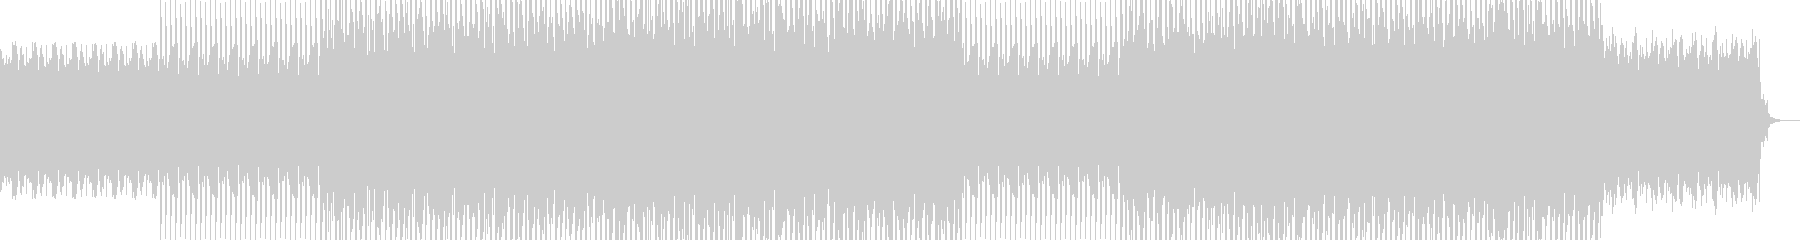 シンプル・ナレーションバック-01の未再生の波形